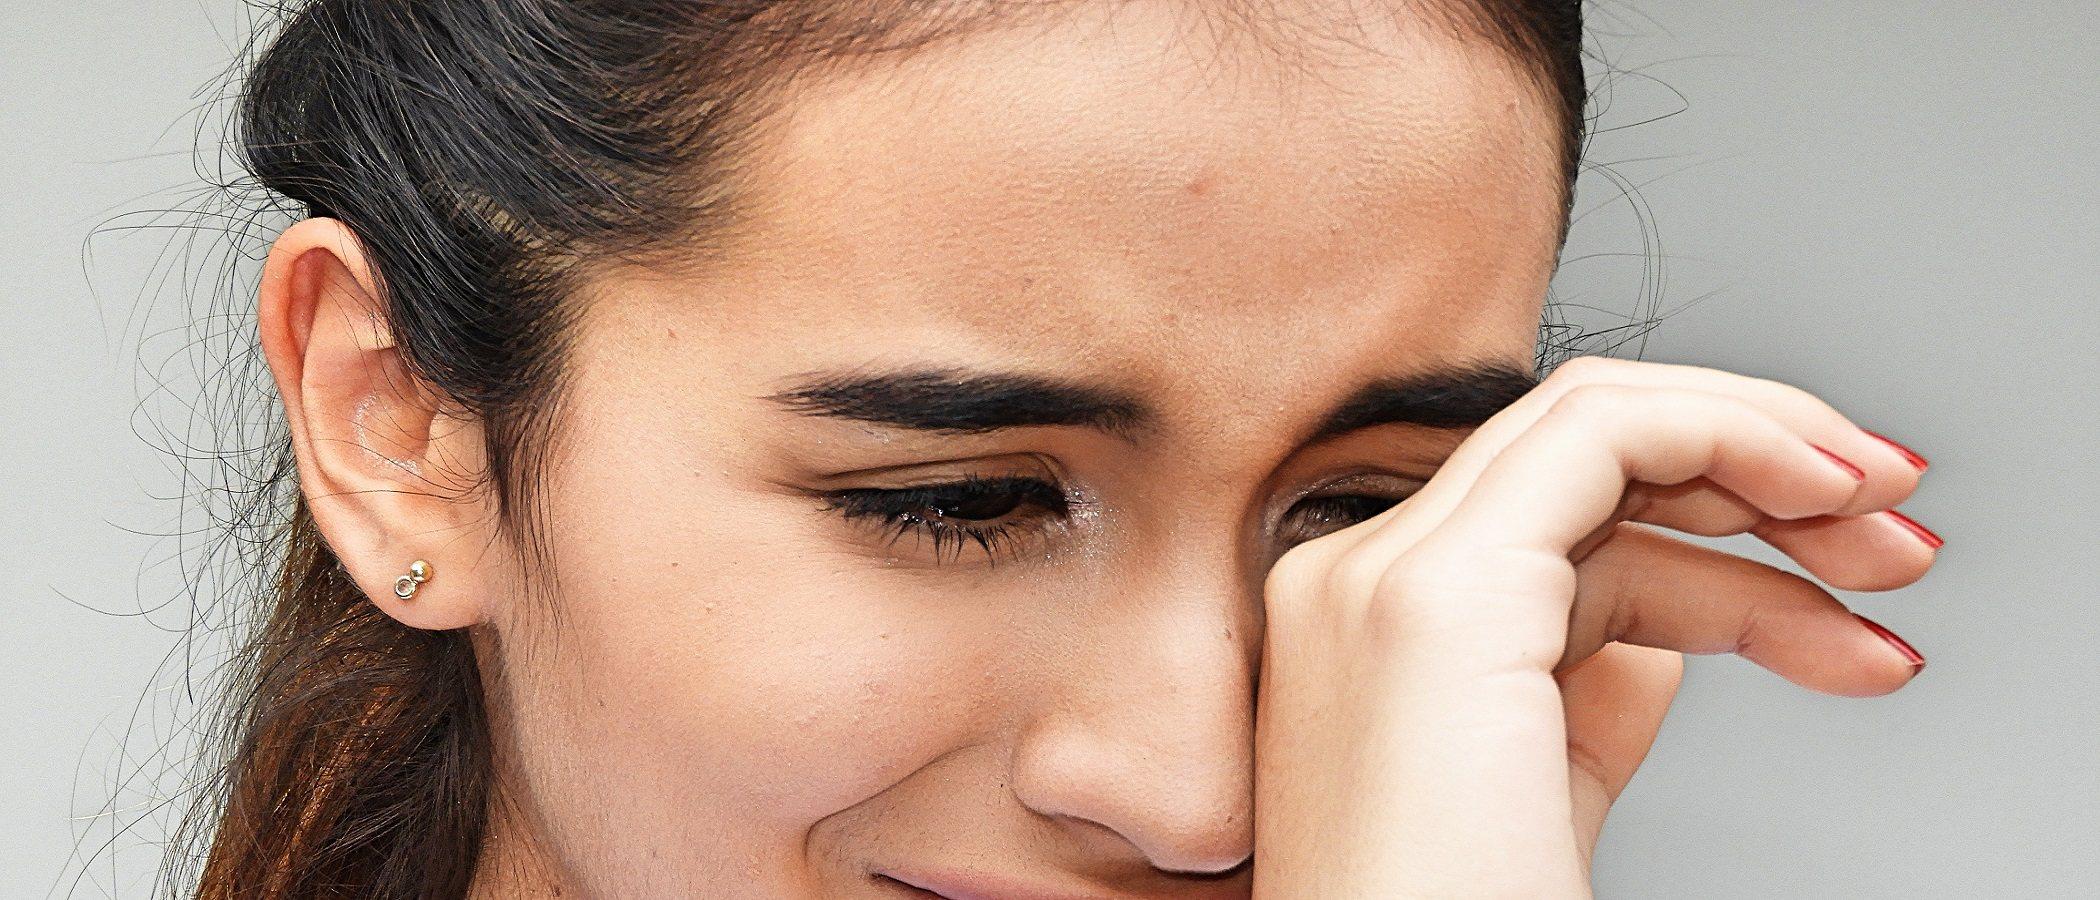 Cómo ayudar a un adolescente que ha tenido un colapso emocional